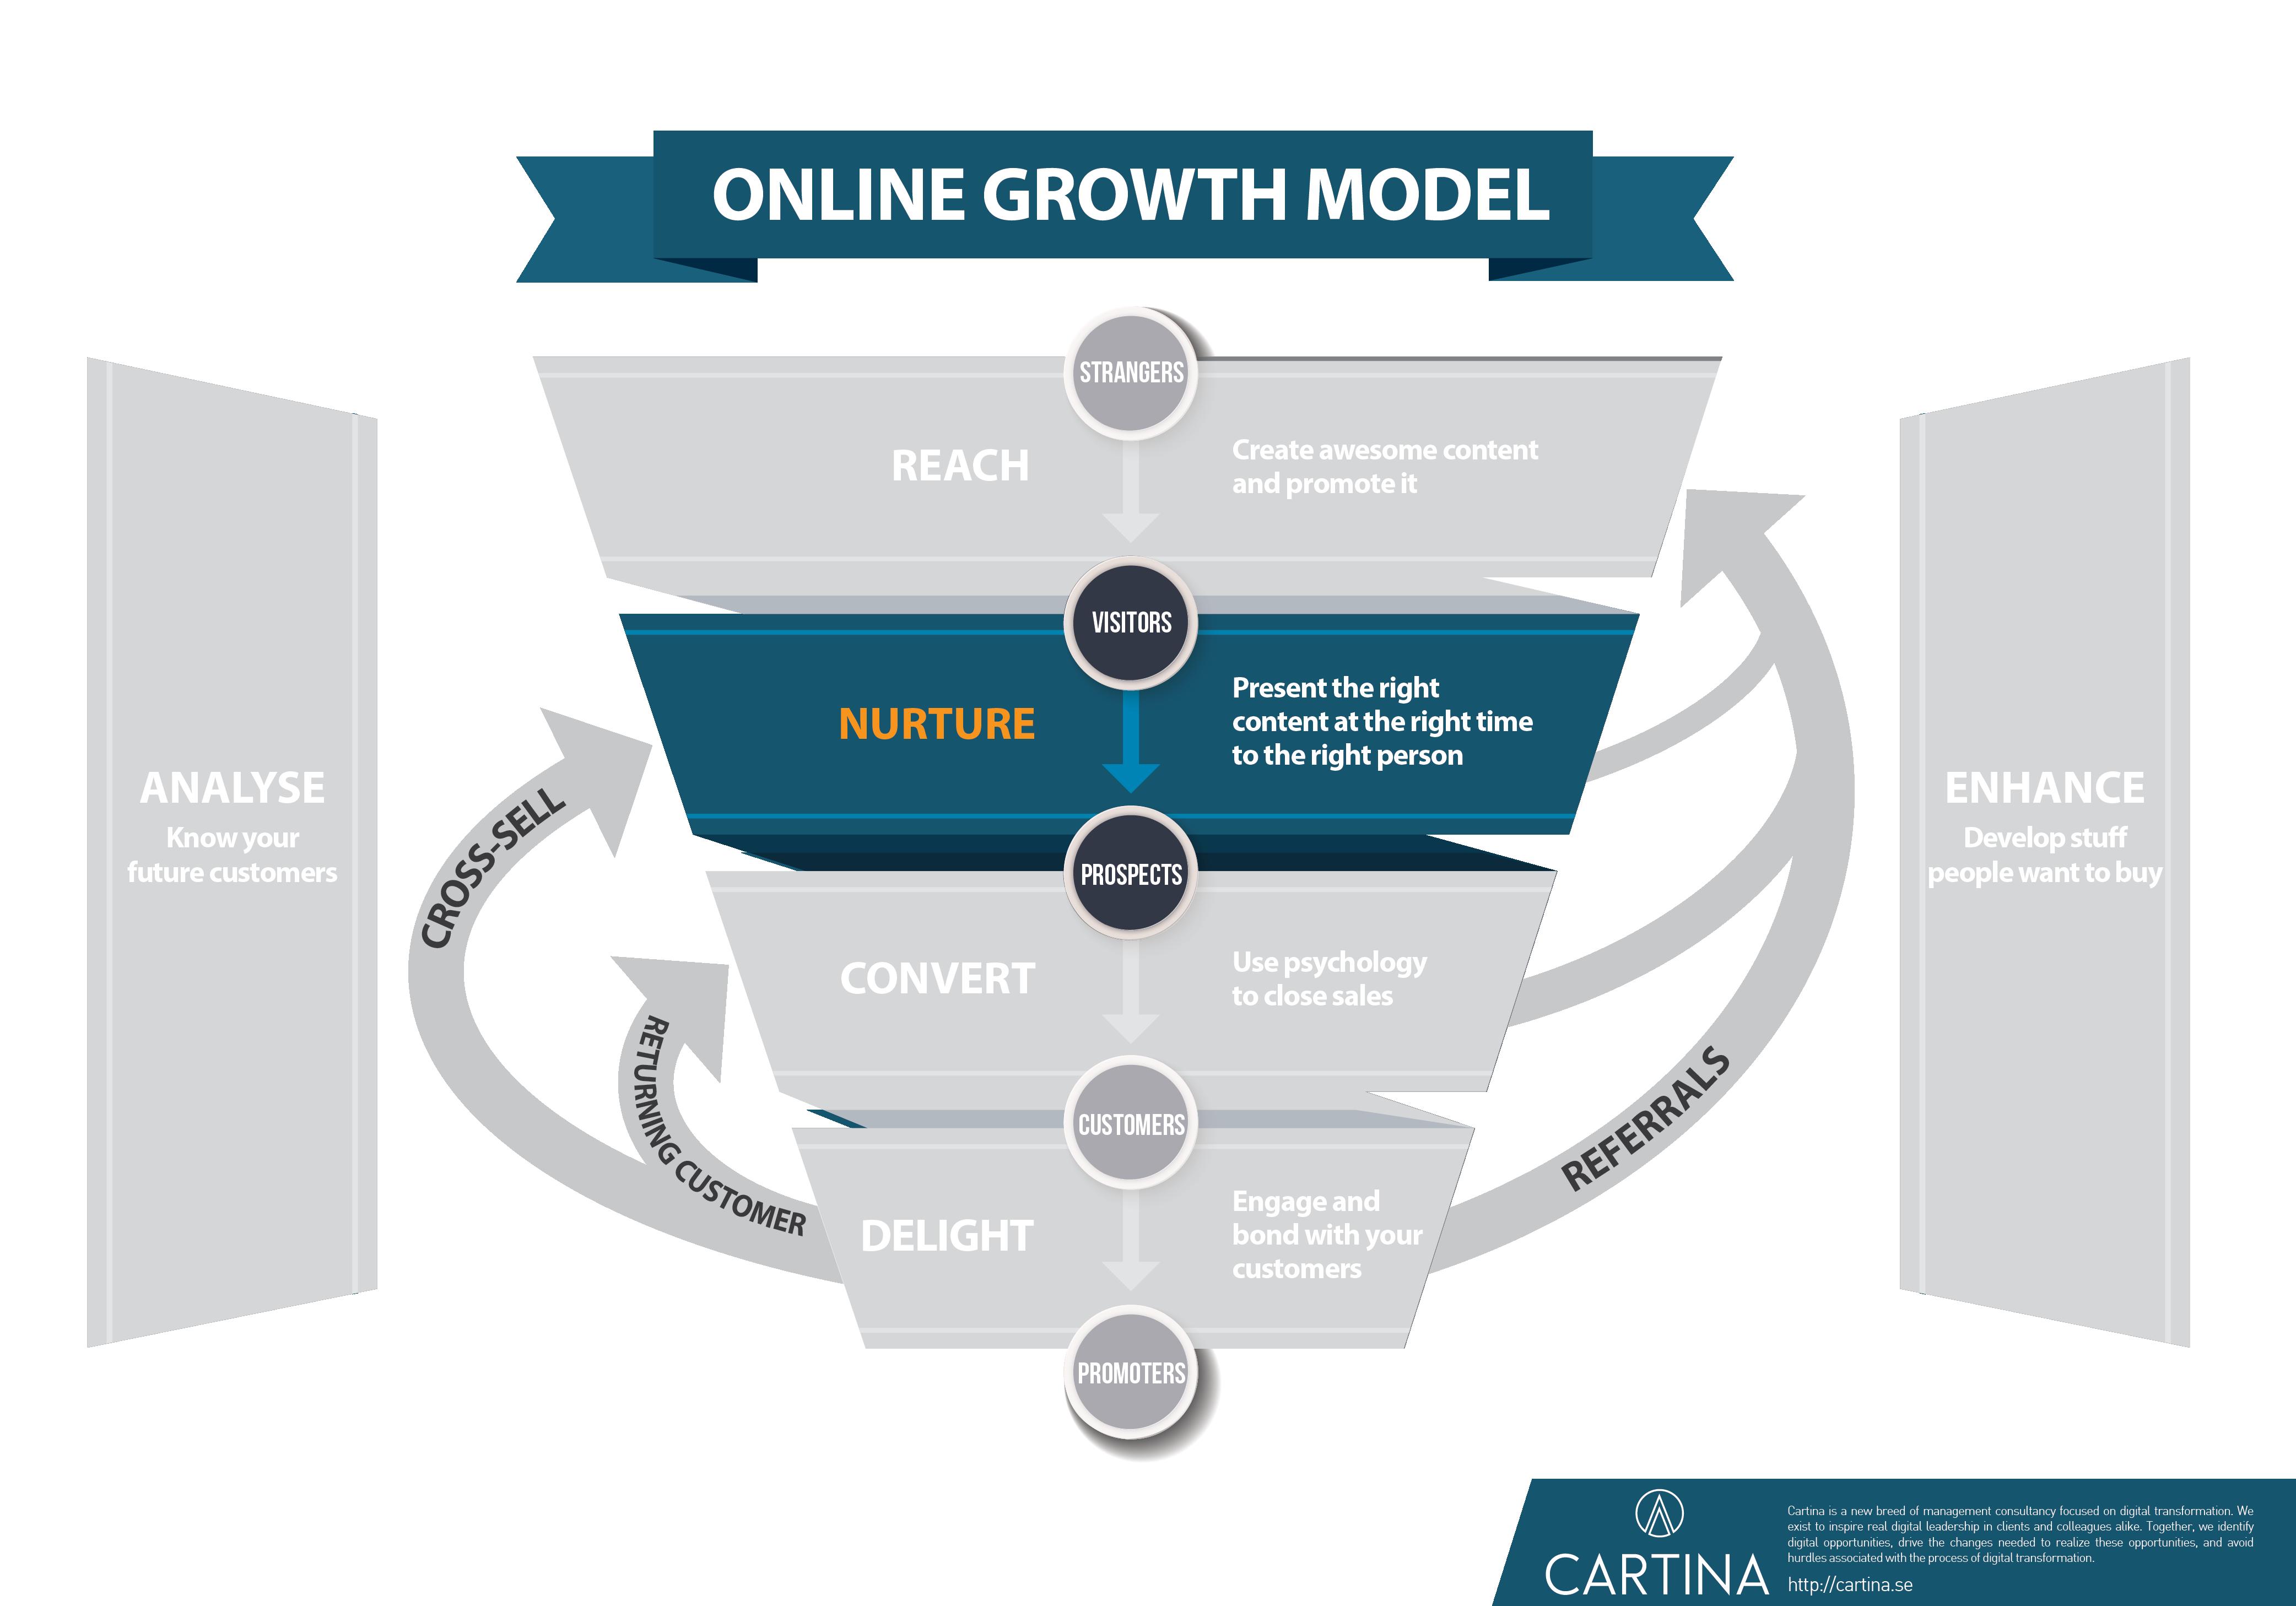 Growth model - Nurture step